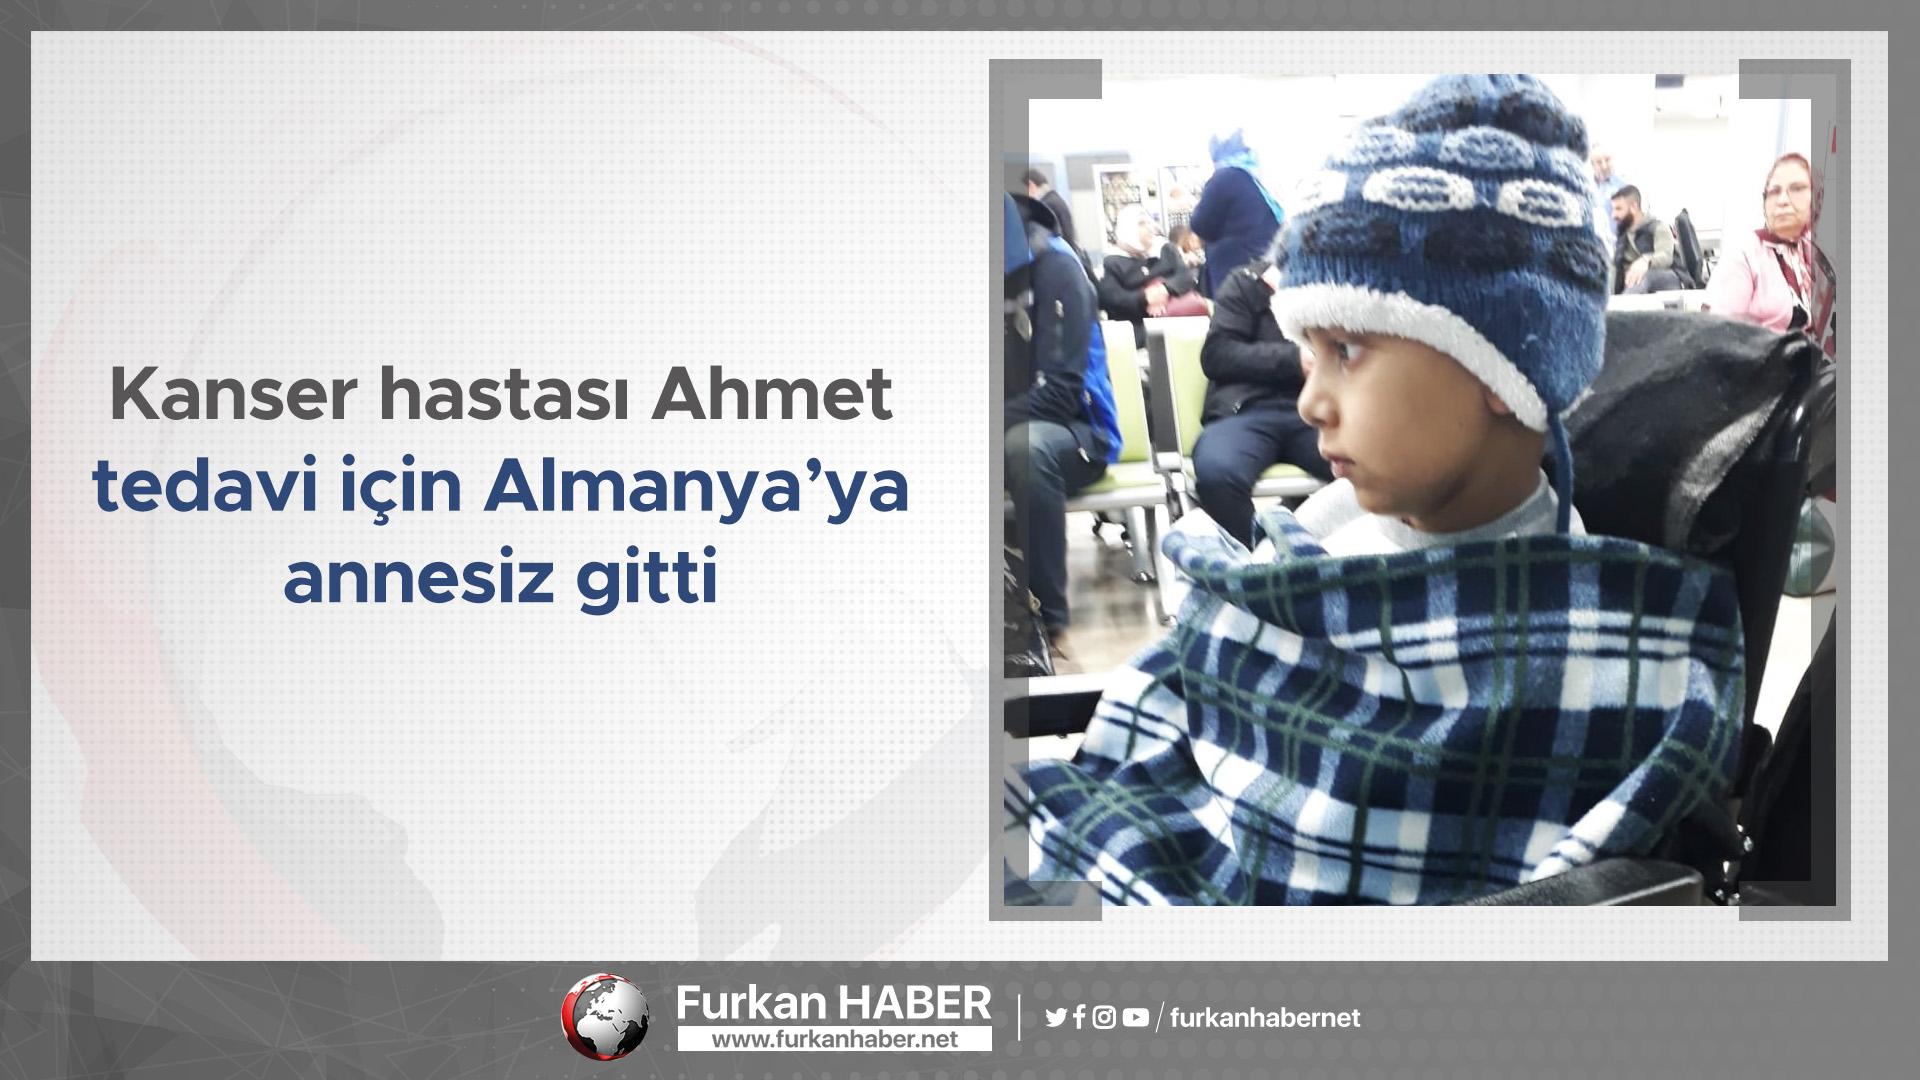 Kanser hastası Ahmet tedavi için Almanya'ya annesiz gitti